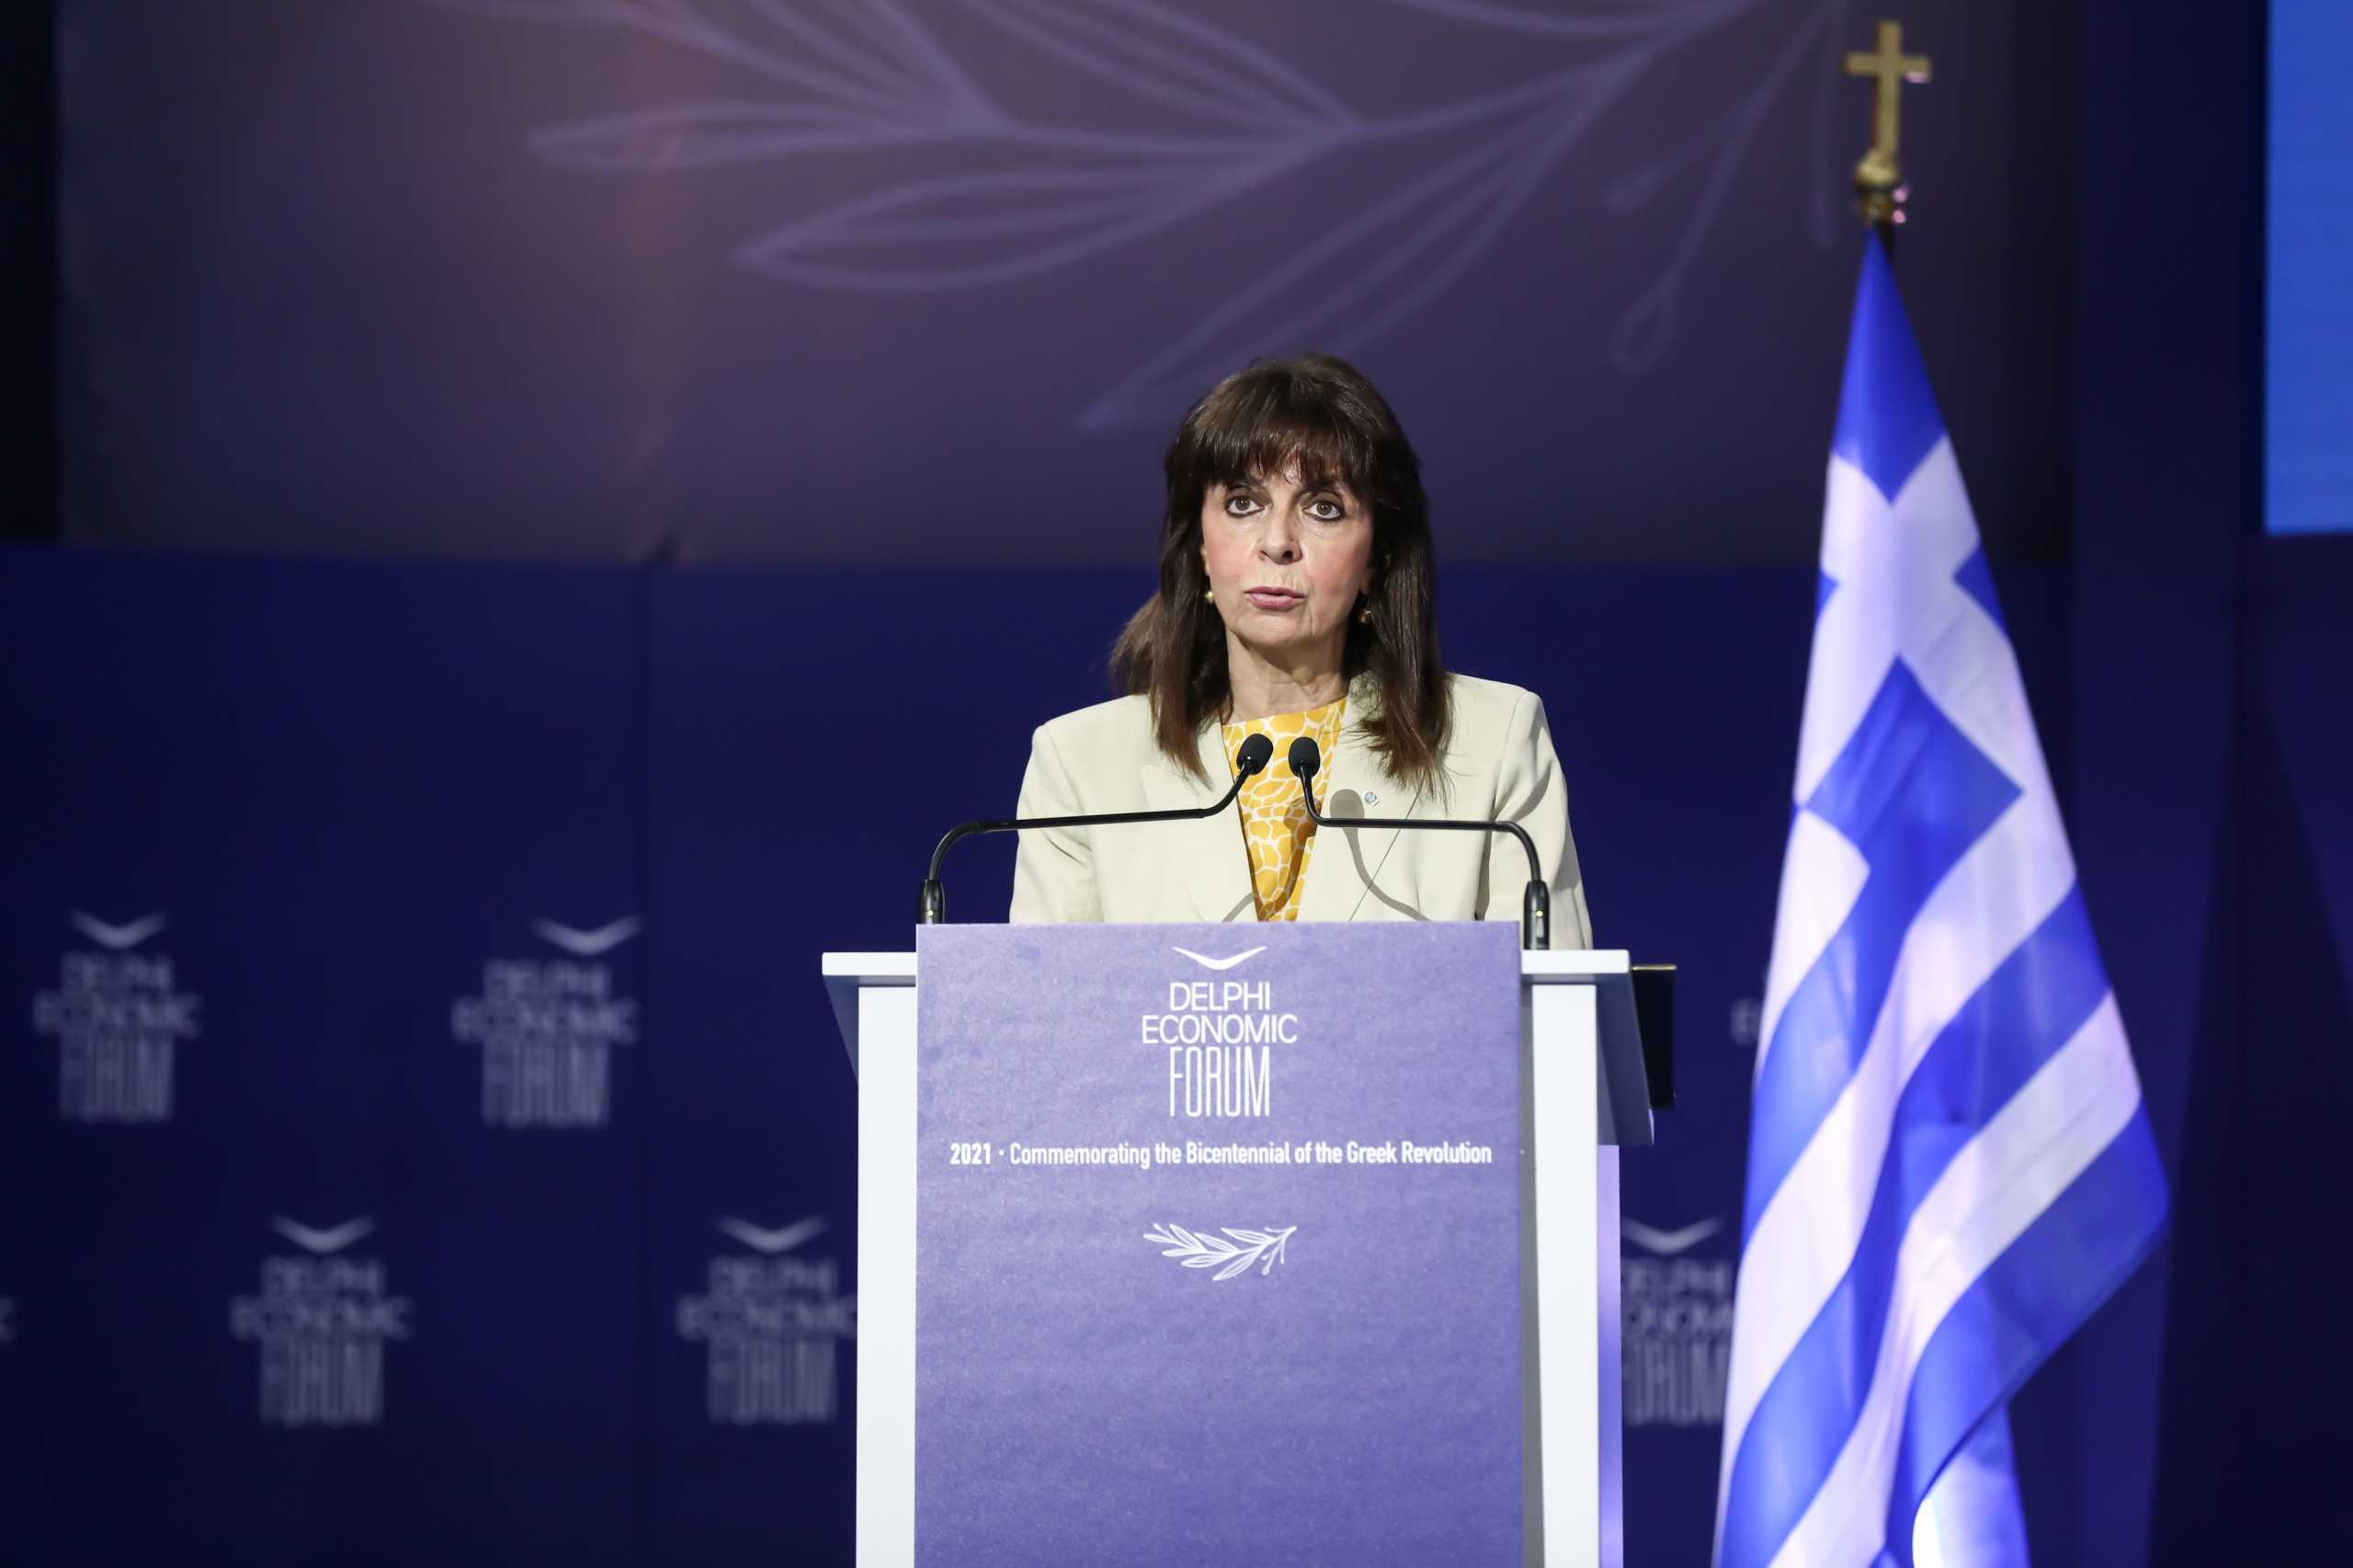 Κ. Σακελλαροπούλου: Η Ελλάδα σταδιακά και προσεκτικά επιστρέφει στην κανονικότητα